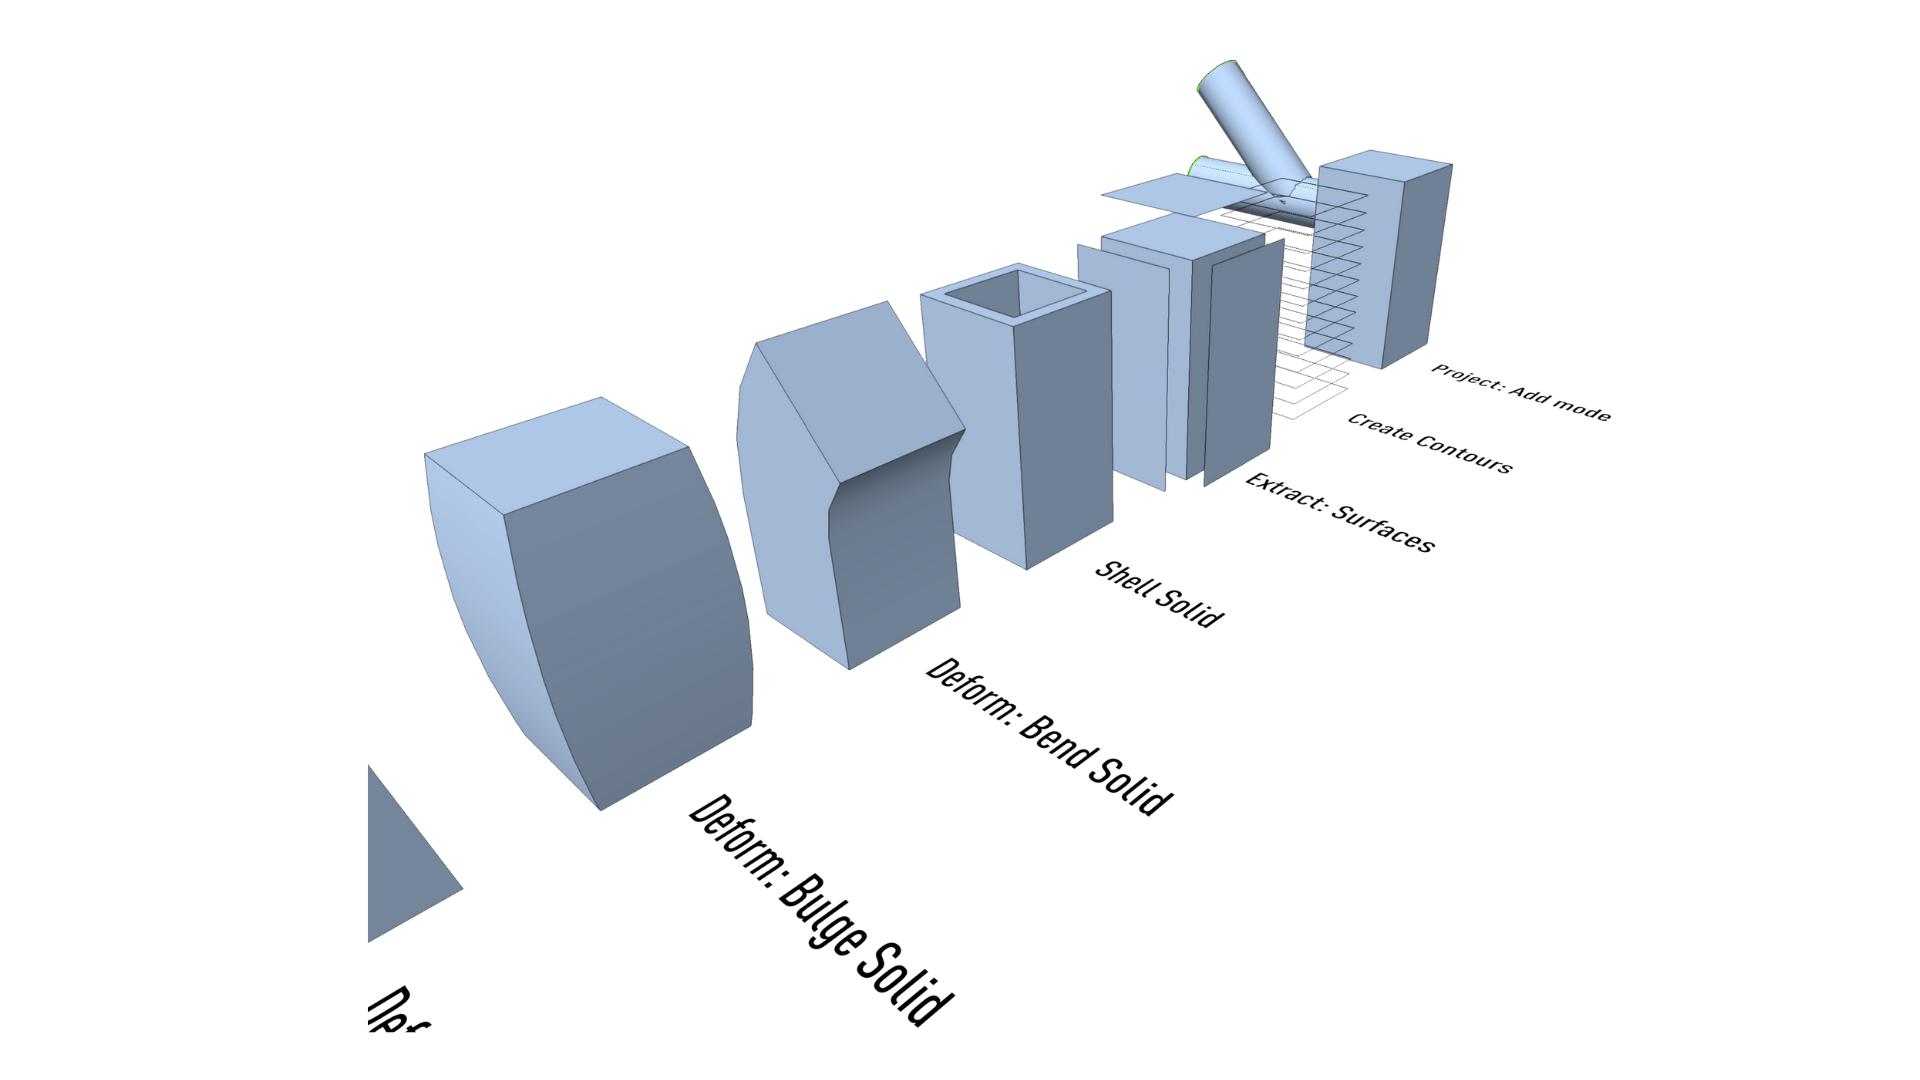 Solid Modeling modes in vectorworks design software